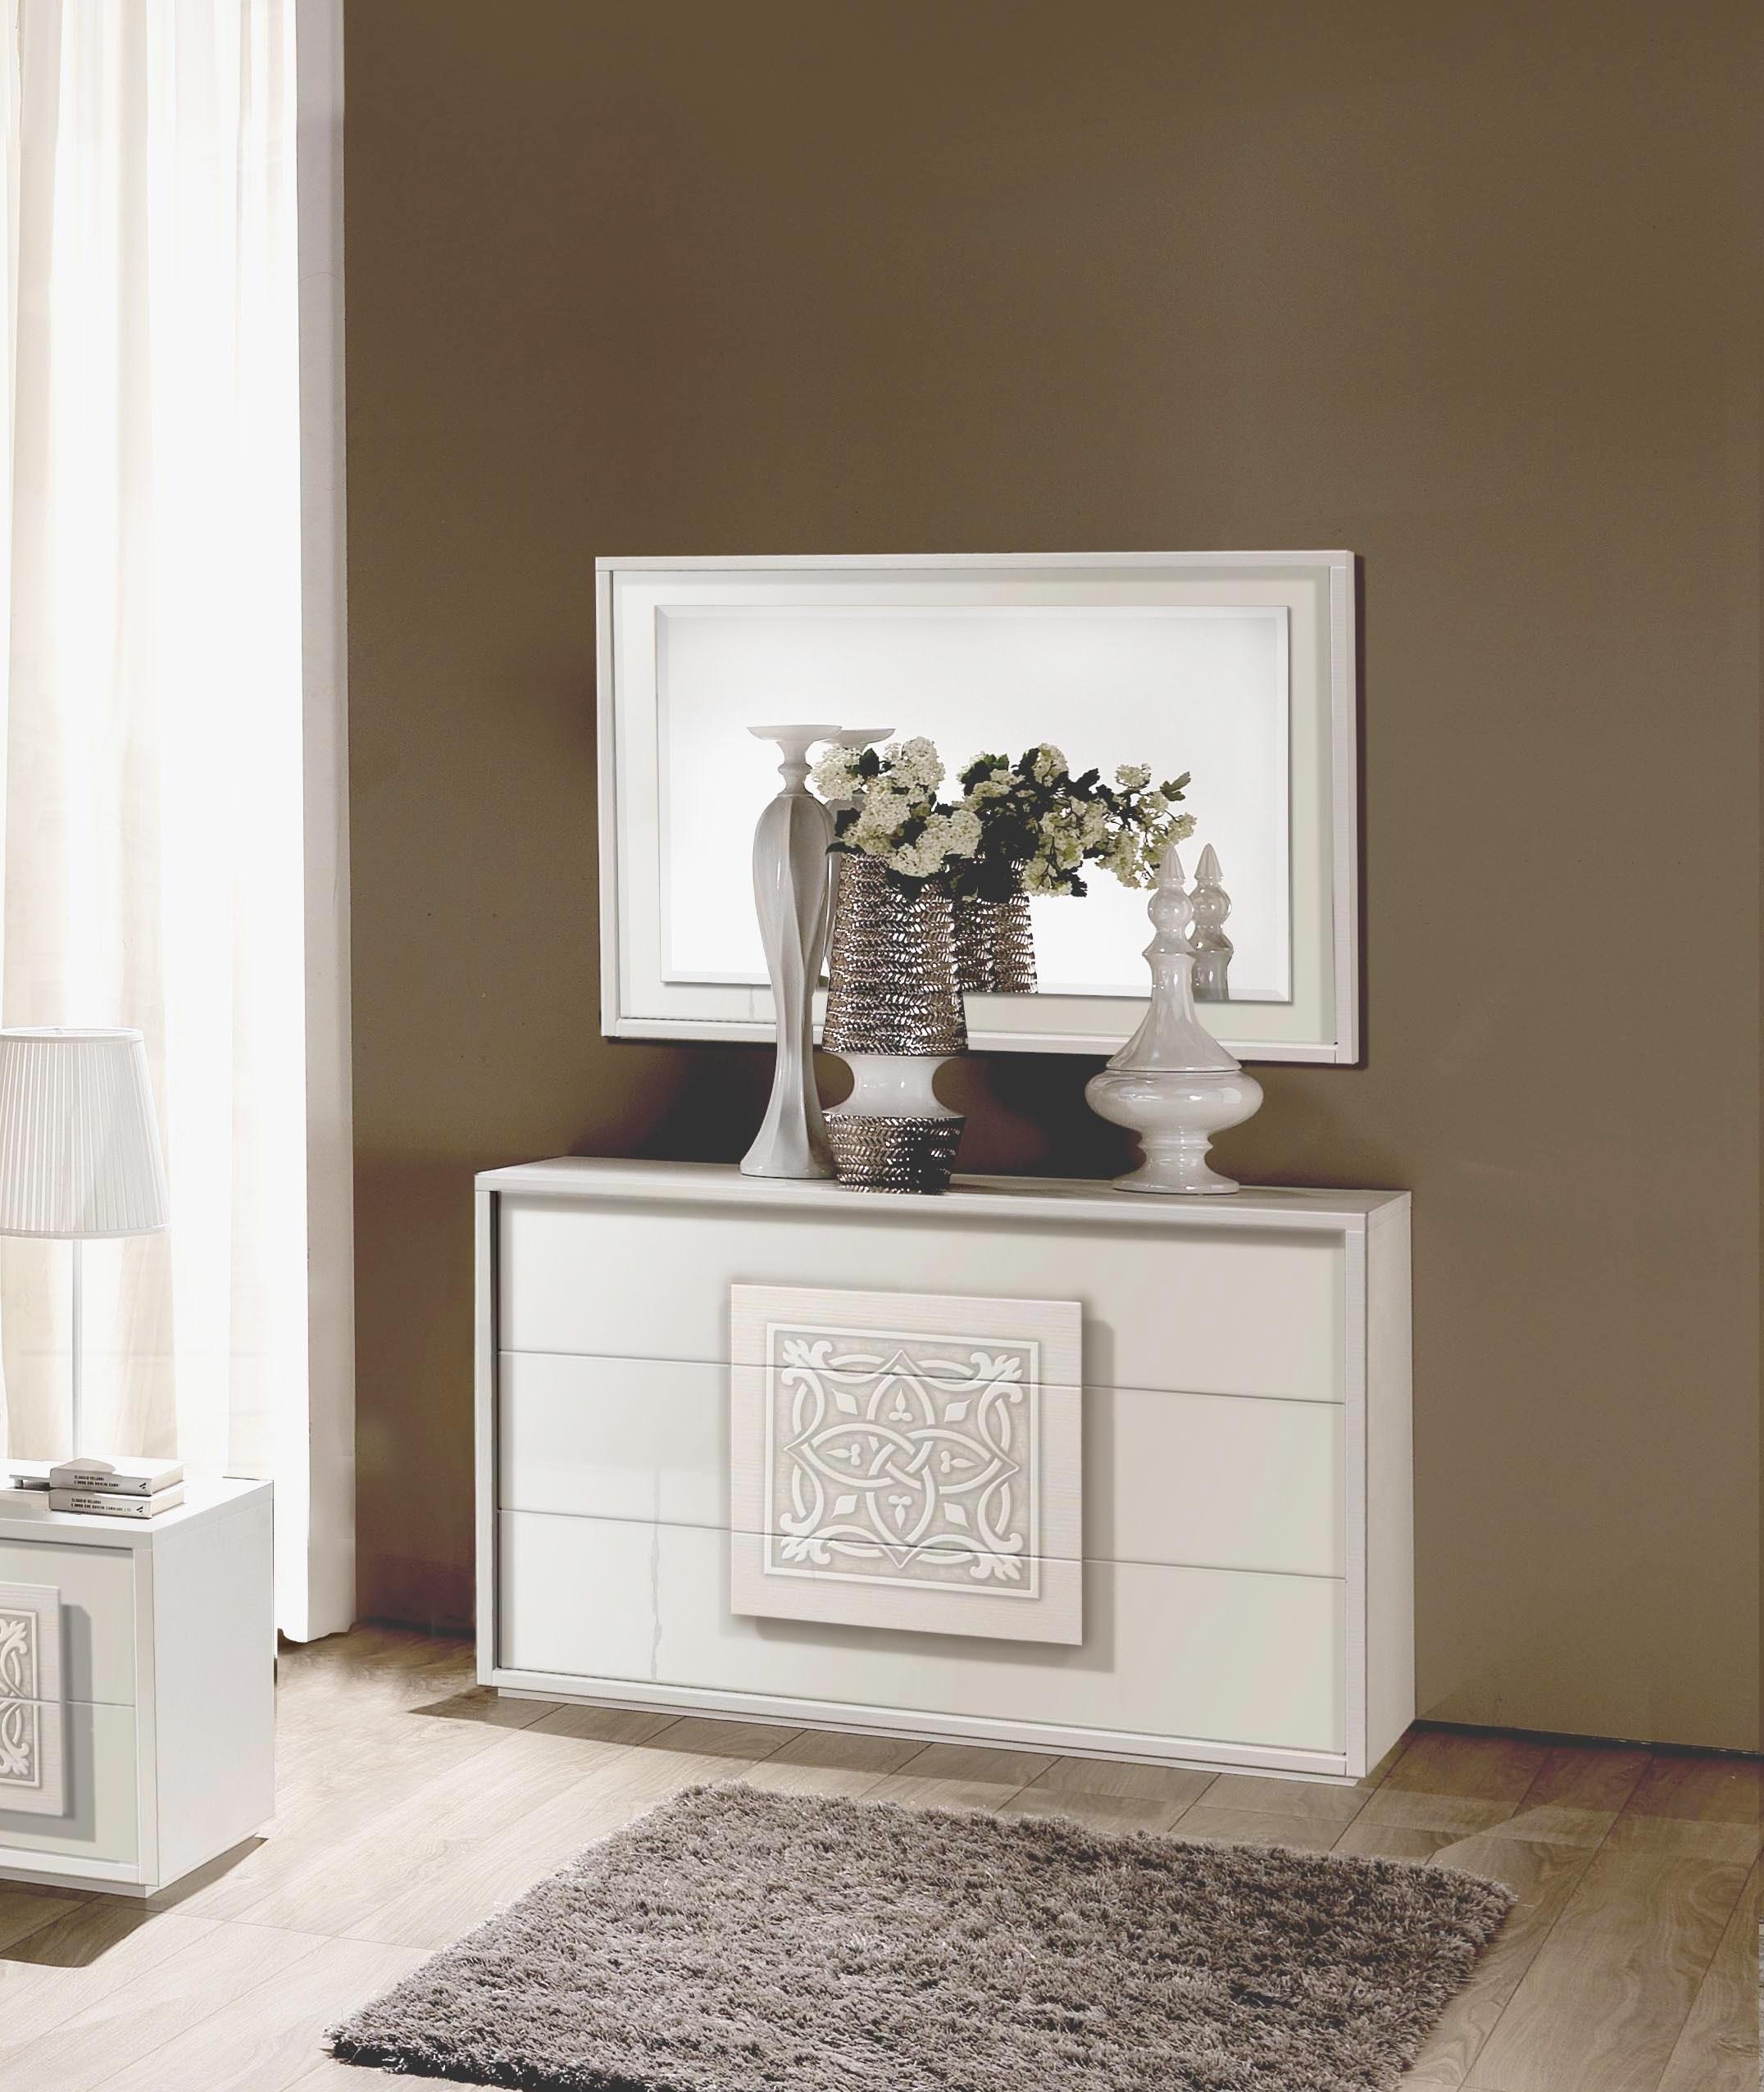 Schlafzimmer Set Dama In Weiss Modern Design 180x200 Cm Mit Kommode